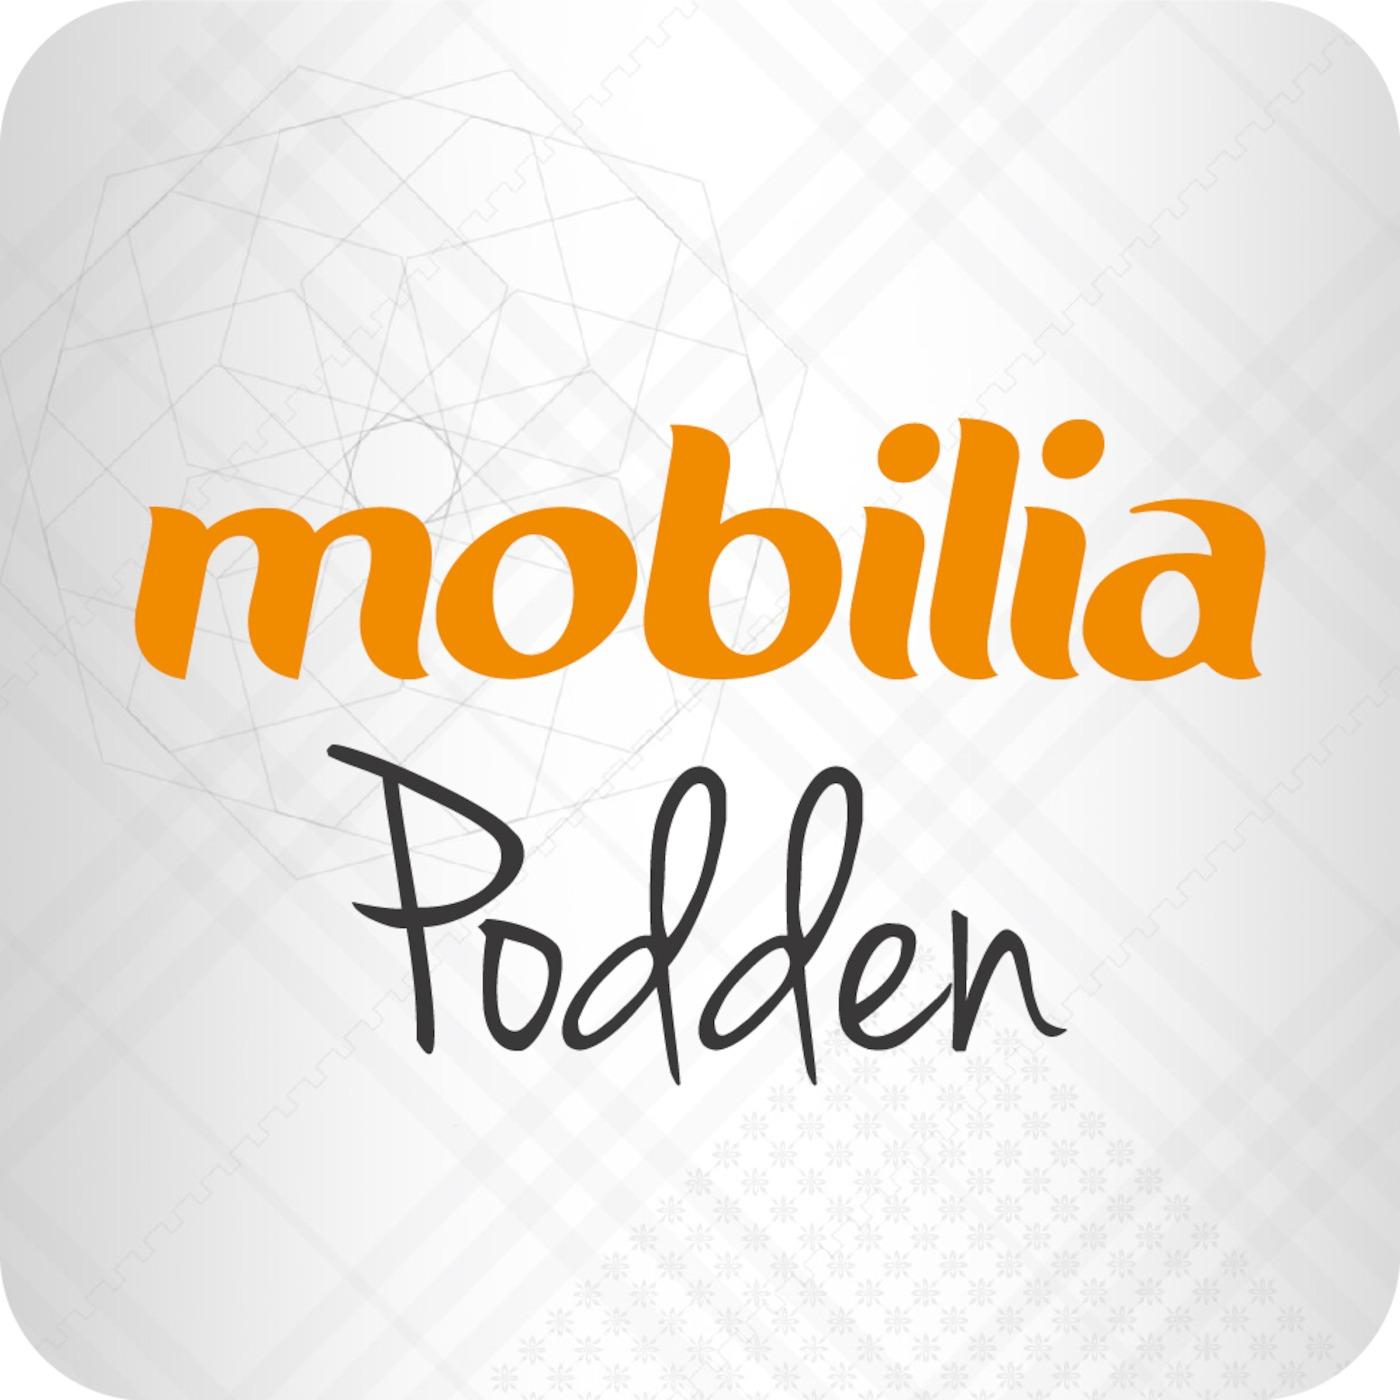 Mobiliapodden